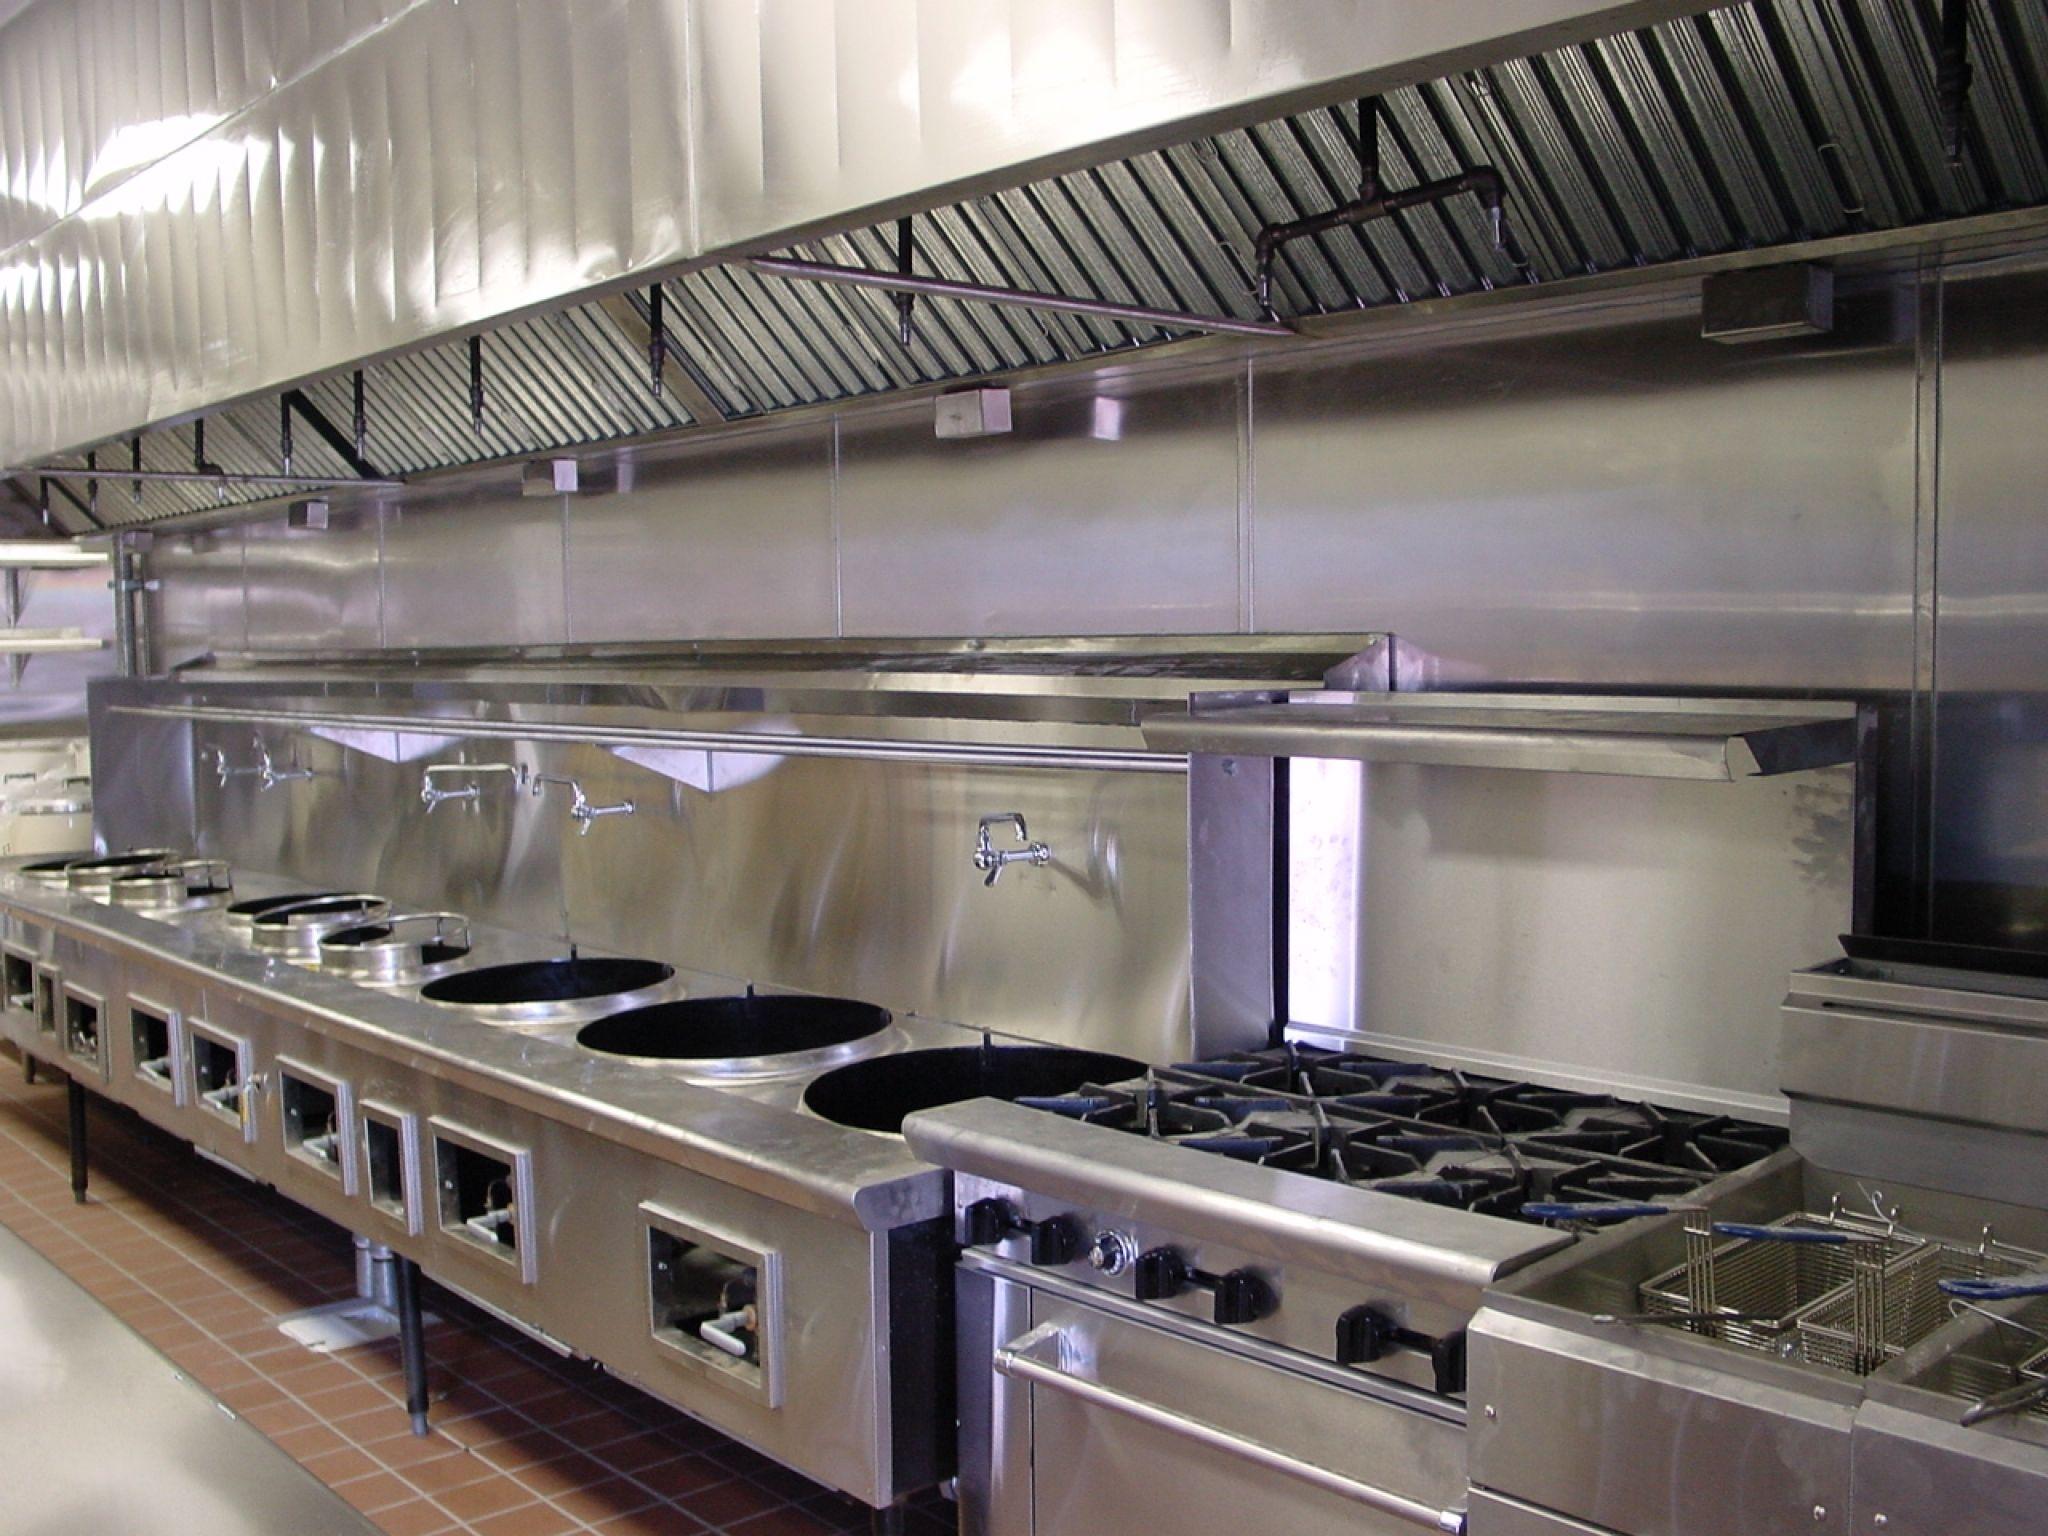 Best Kitchen Gallery: Outdoor Kitchen Exhaust Hoods Best Paint For Interior Check More of Kitchen Exhaust Hood on rachelxblog.com